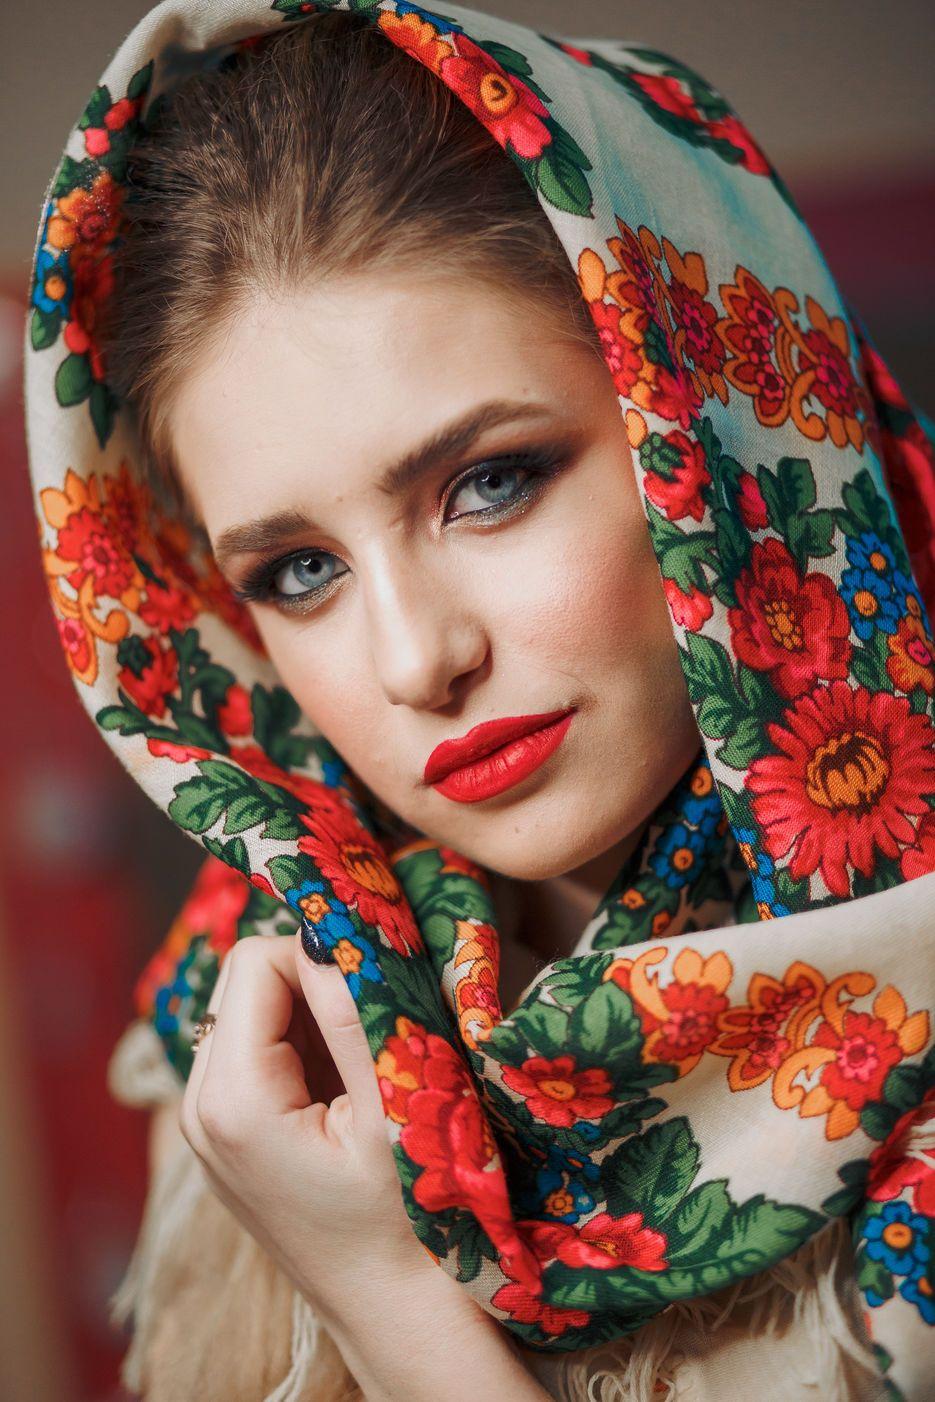 Épinglé sur FEMMES RUSSES FEMMES UKRAINIENNES